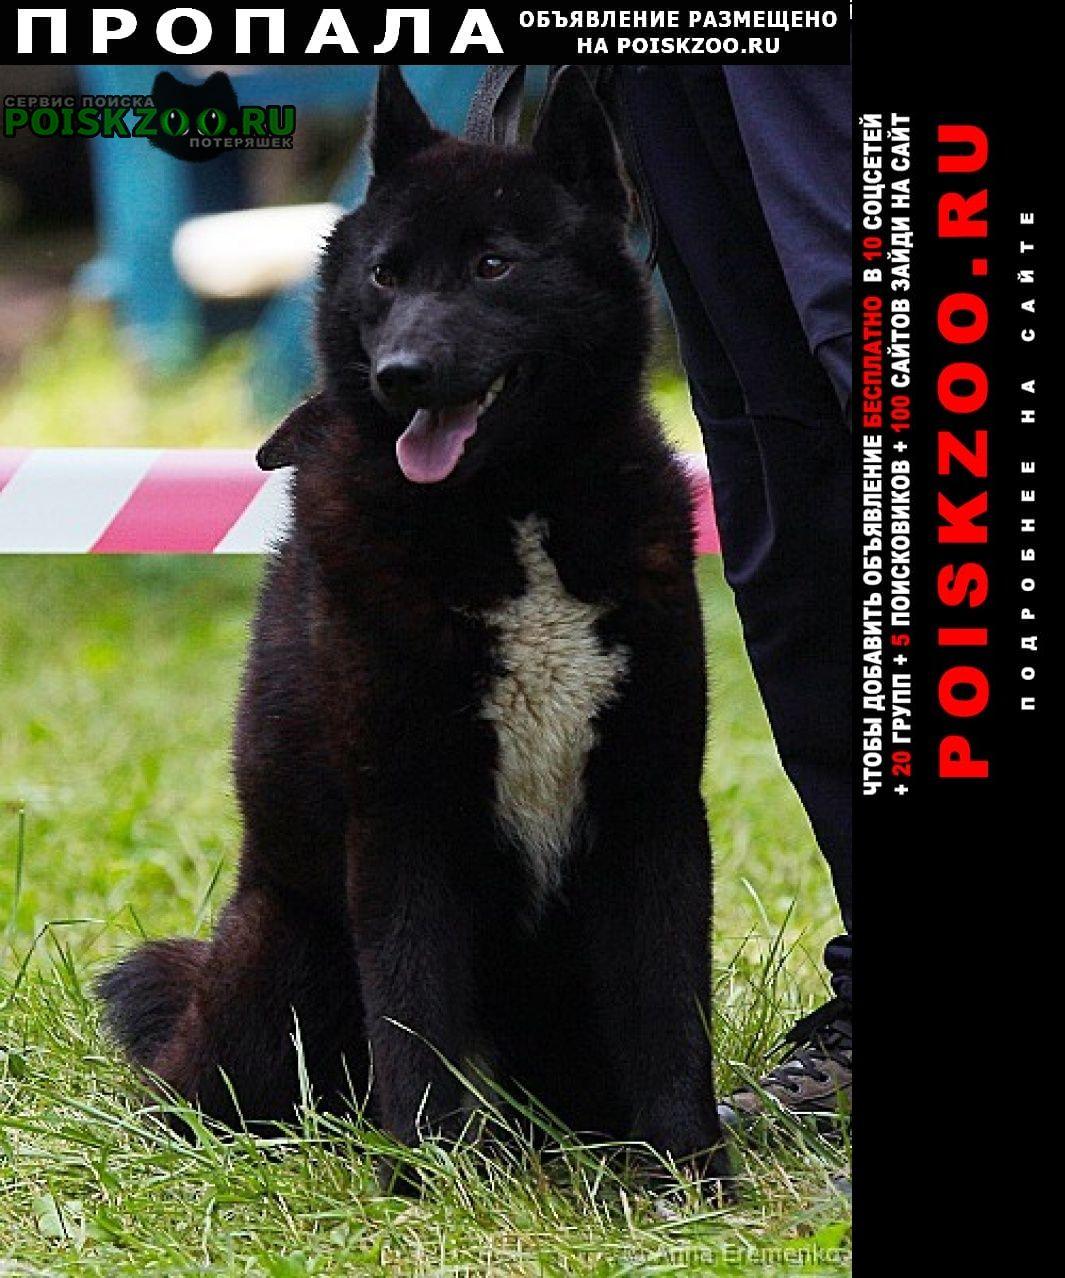 Пропала собака Вологда